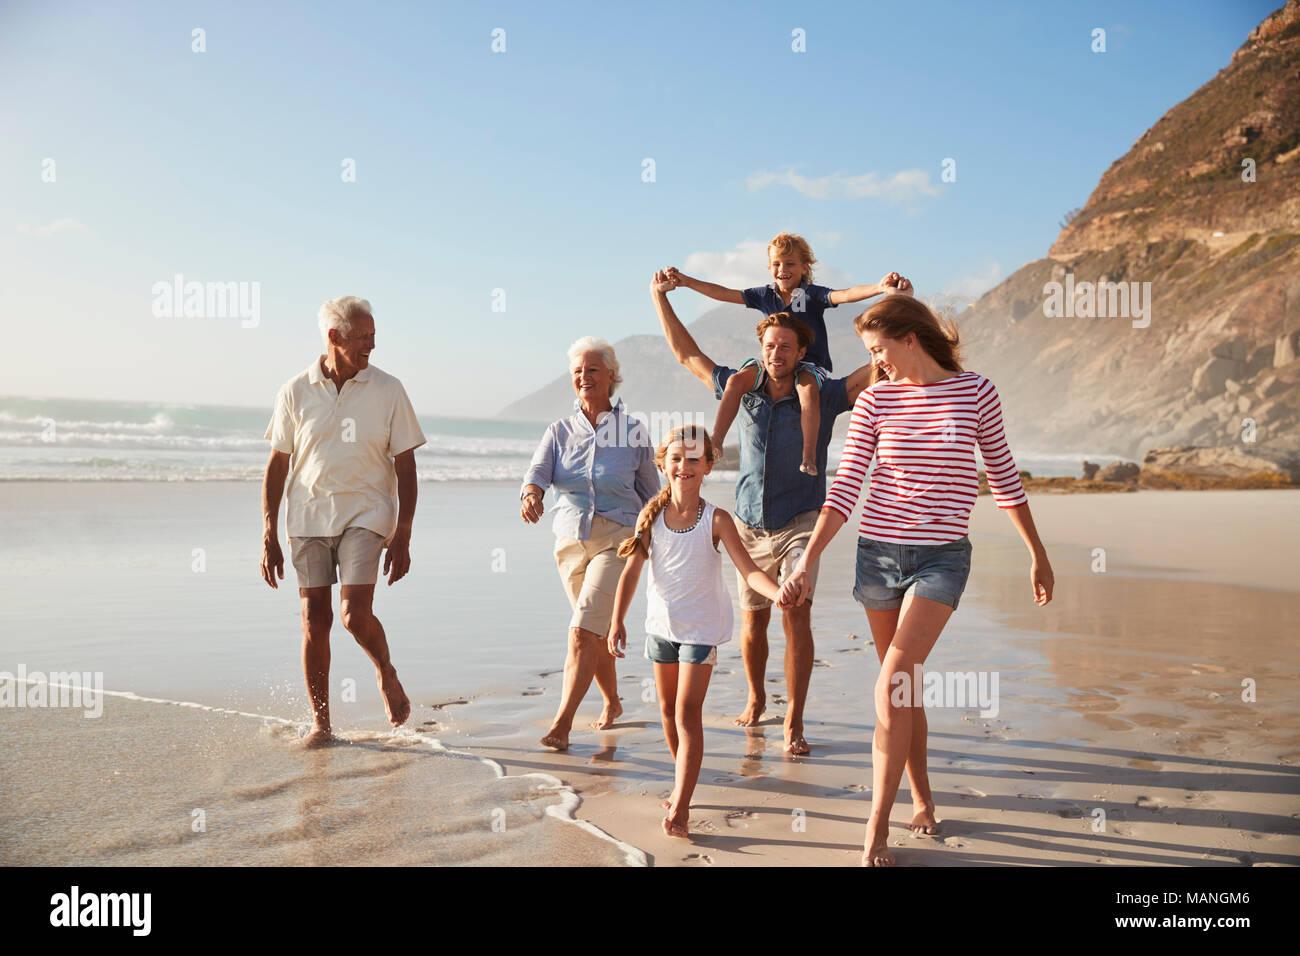 Generación de múltiples familias de vacaciones junto a la playa caminando juntos Imagen De Stock